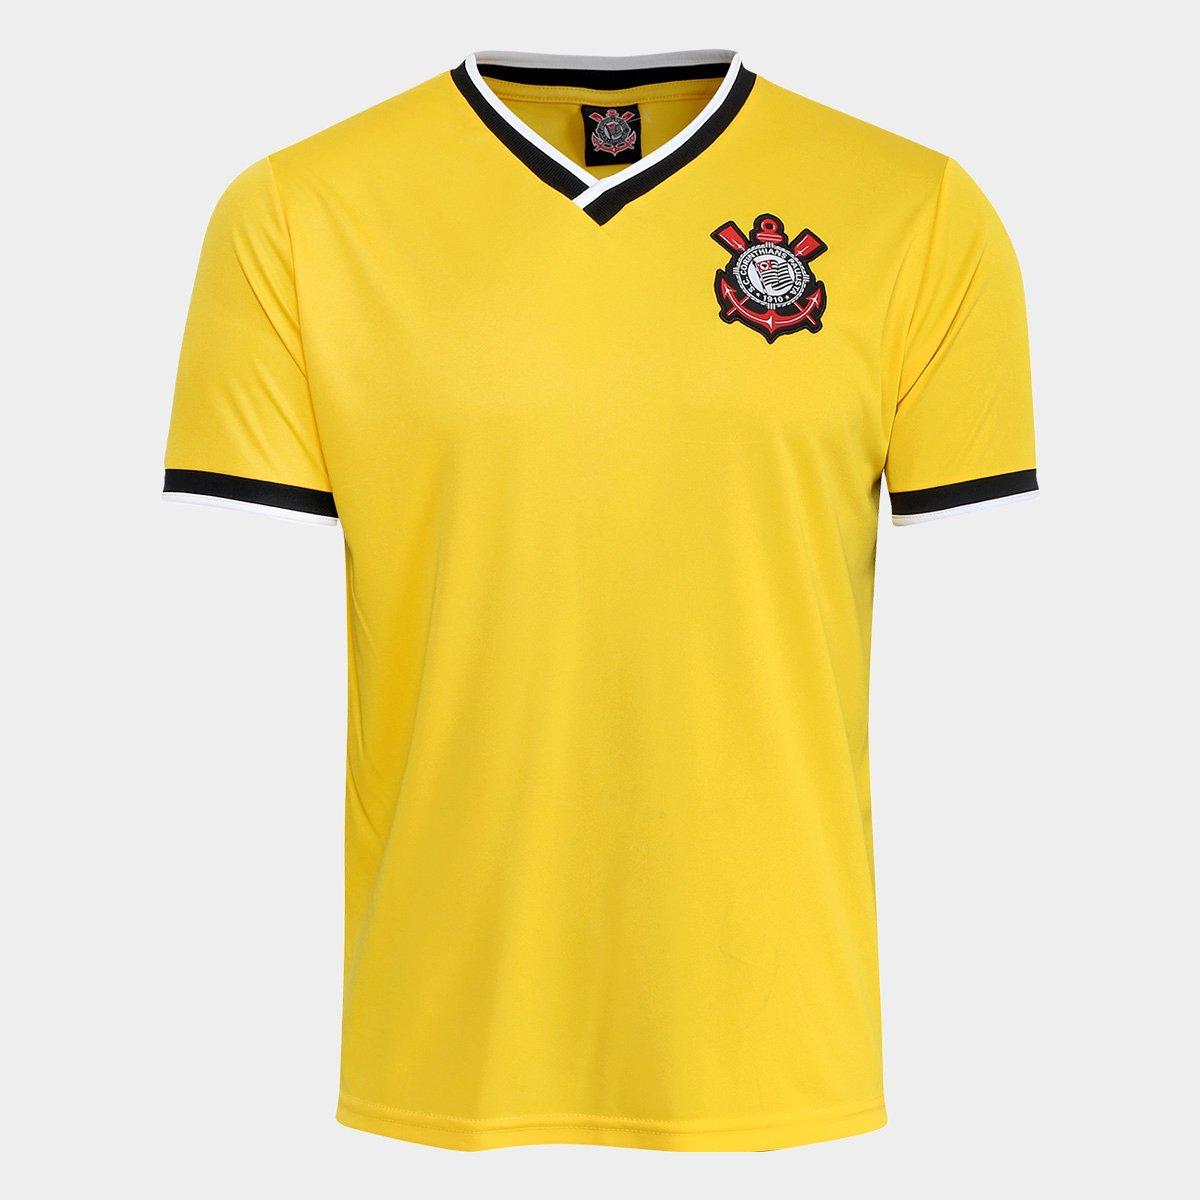 Camisa Corinthians 2014 n° 10 Edição limitada Masculina - Amarelo ... 7ea1d70768e82